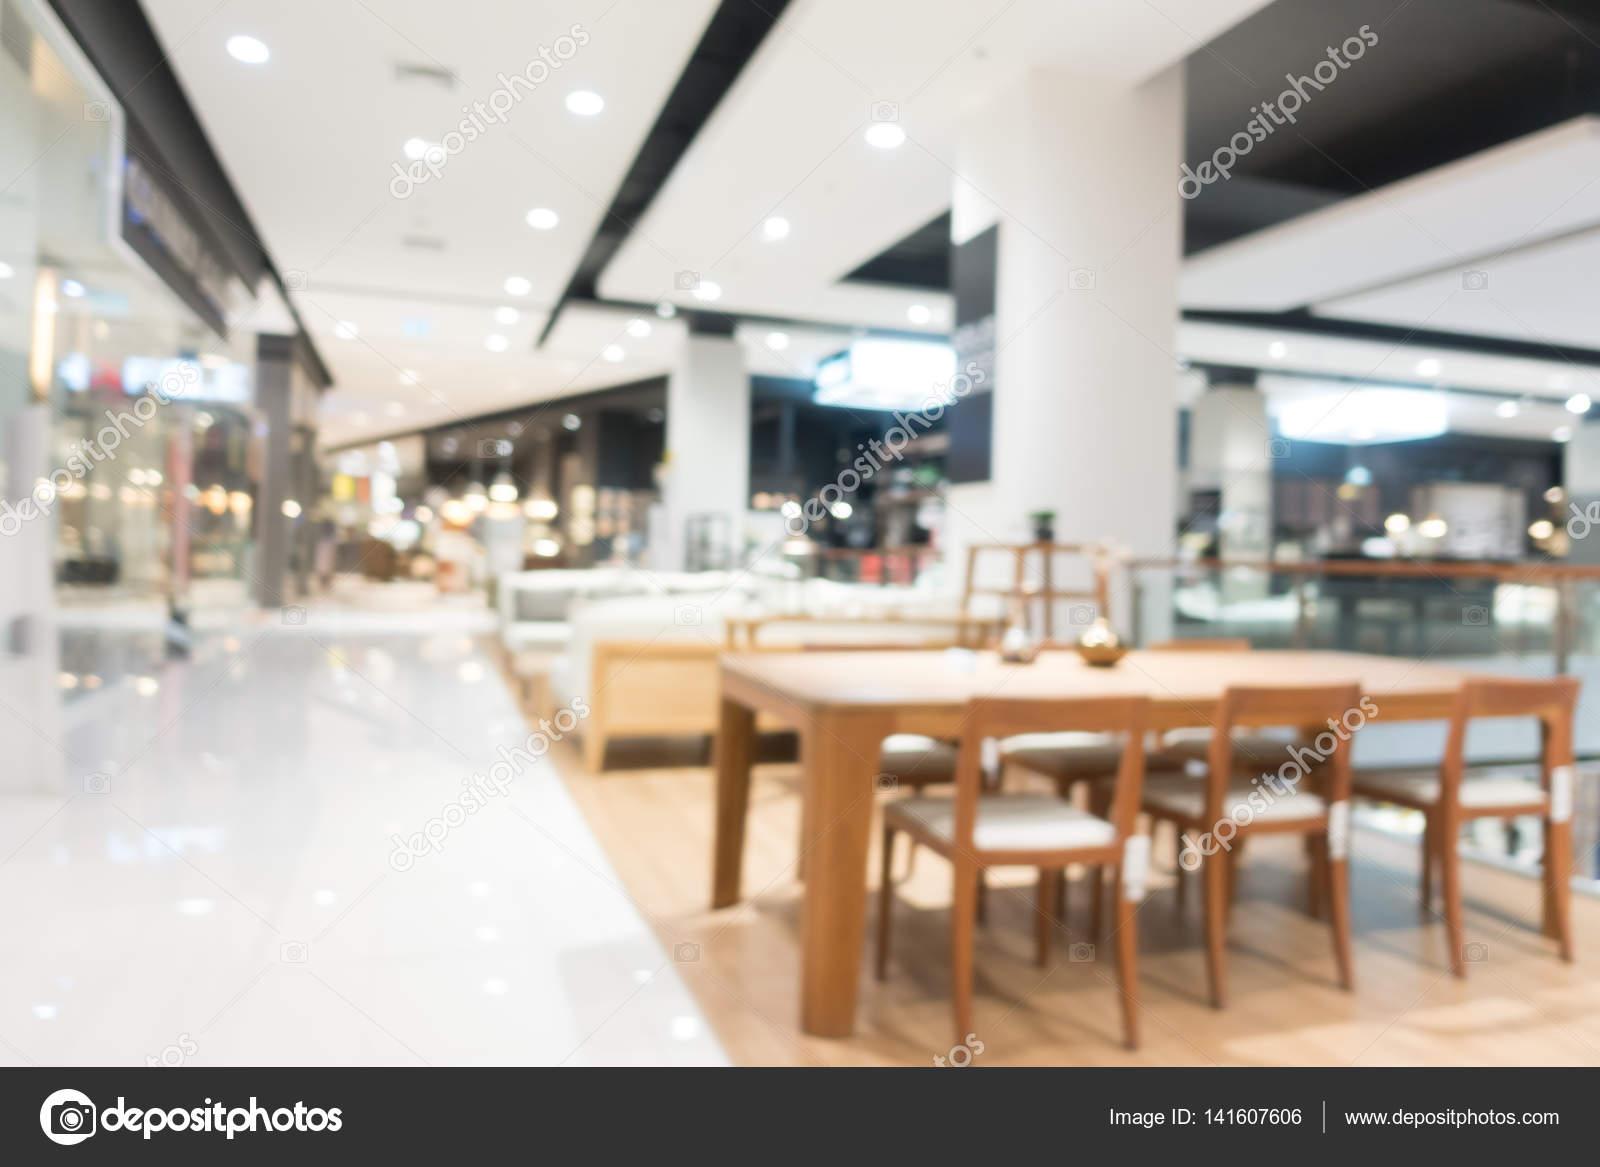 Muebles De Tienda Y Almac N Interior Foto De Stock Mrsiraphol  # Muebles Para Food Court